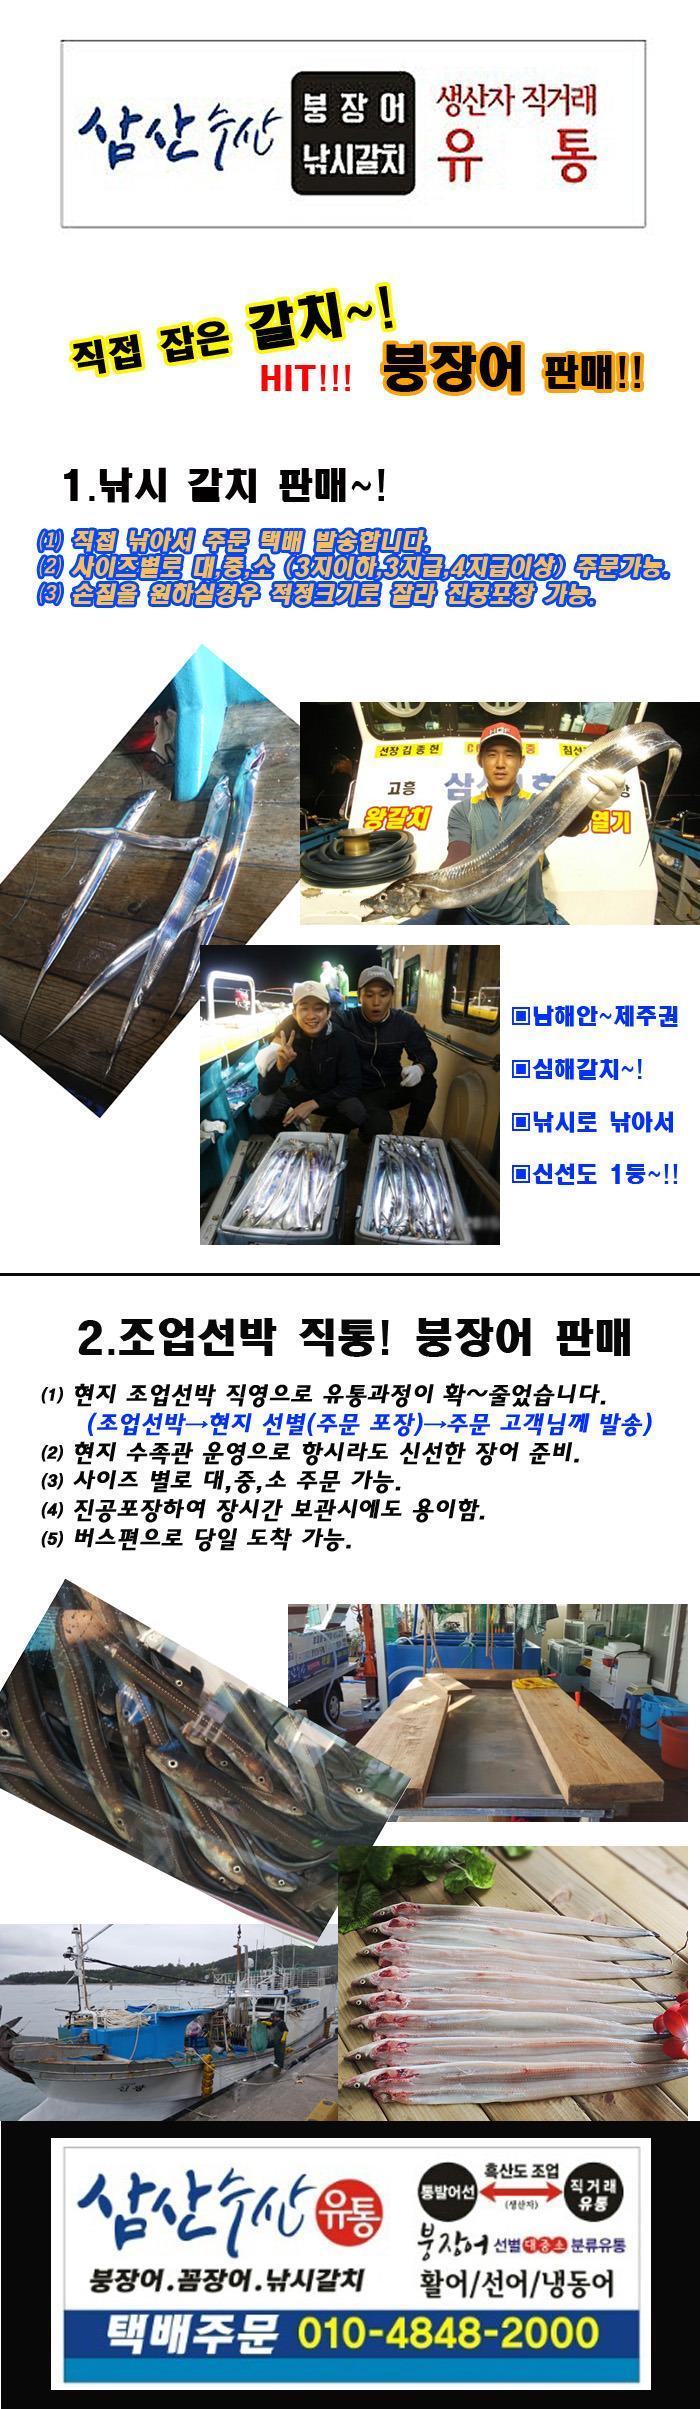 [고흥/나로도 특산물 판매 ]